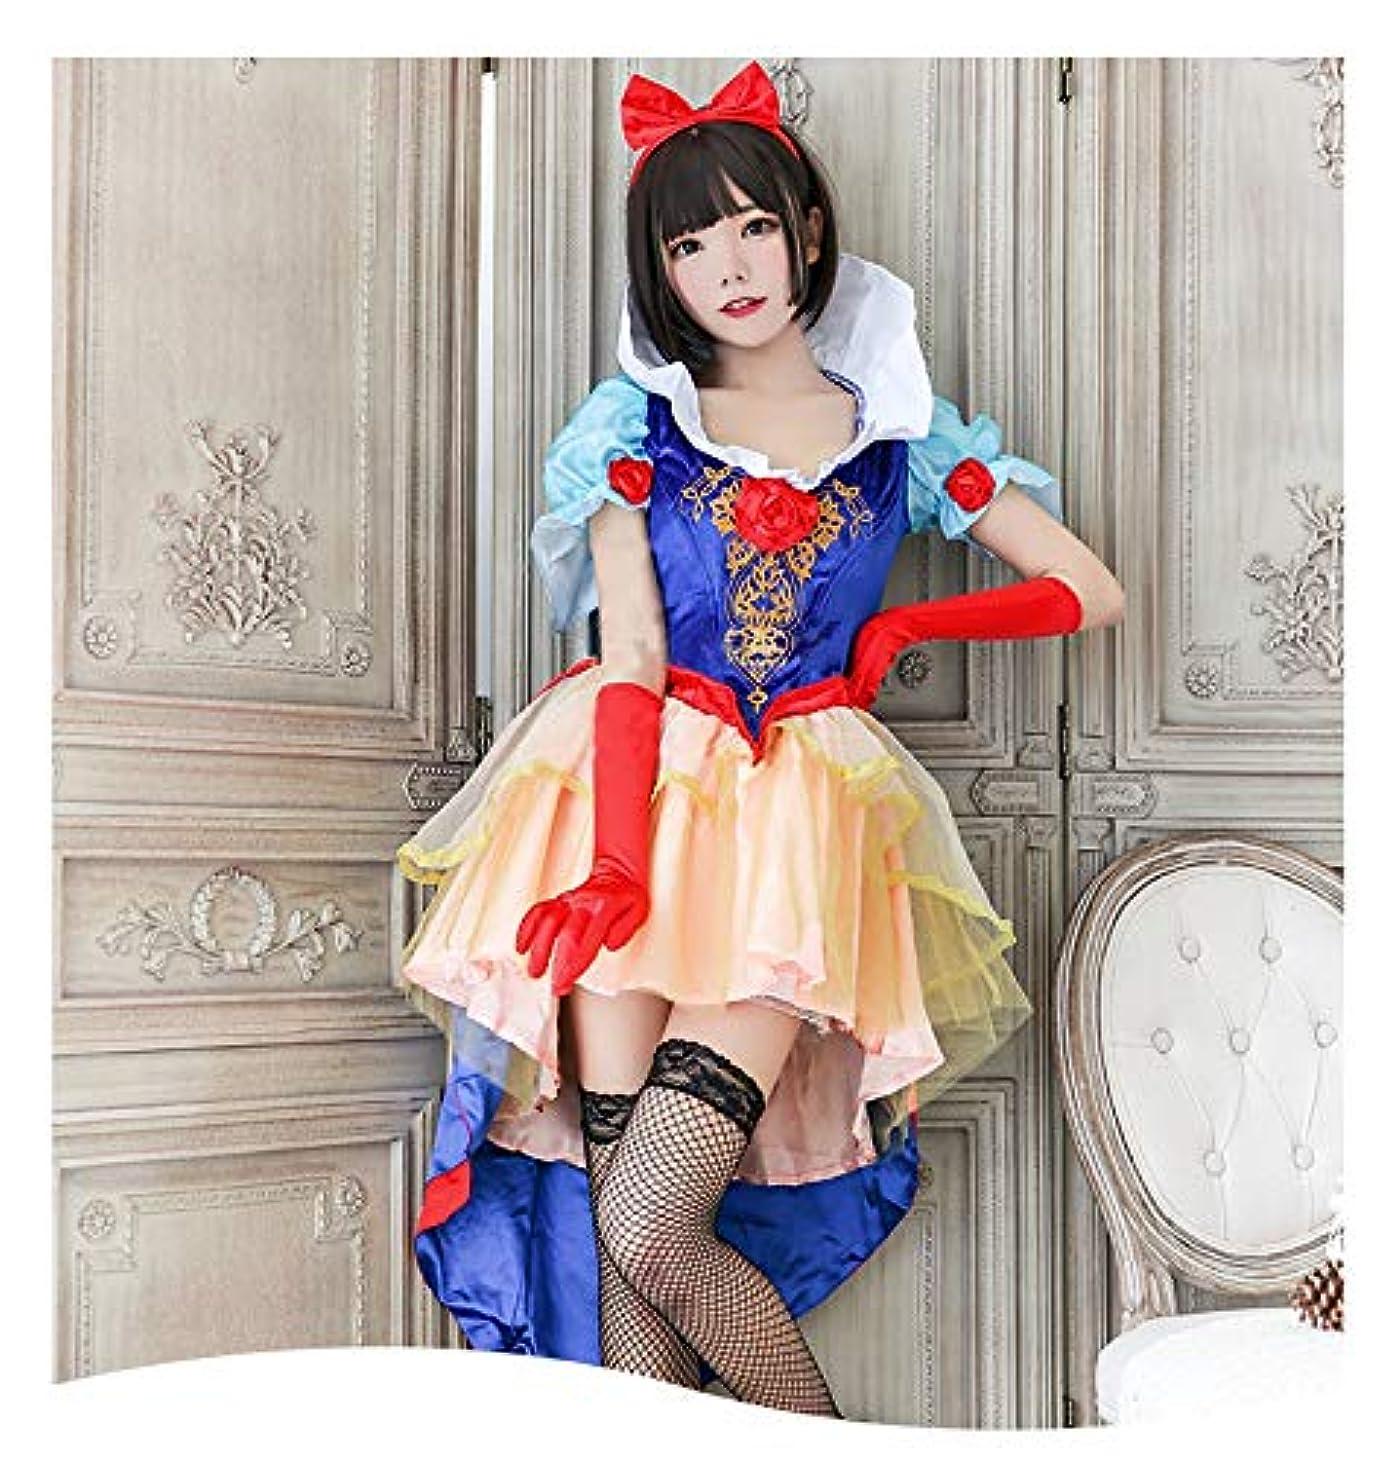 バンカーパドルうんSOLAI ハロウィン コスプレ 白雪姫 しらゆき コスチューム プリンセス ドレス 衣装 イベント 0030